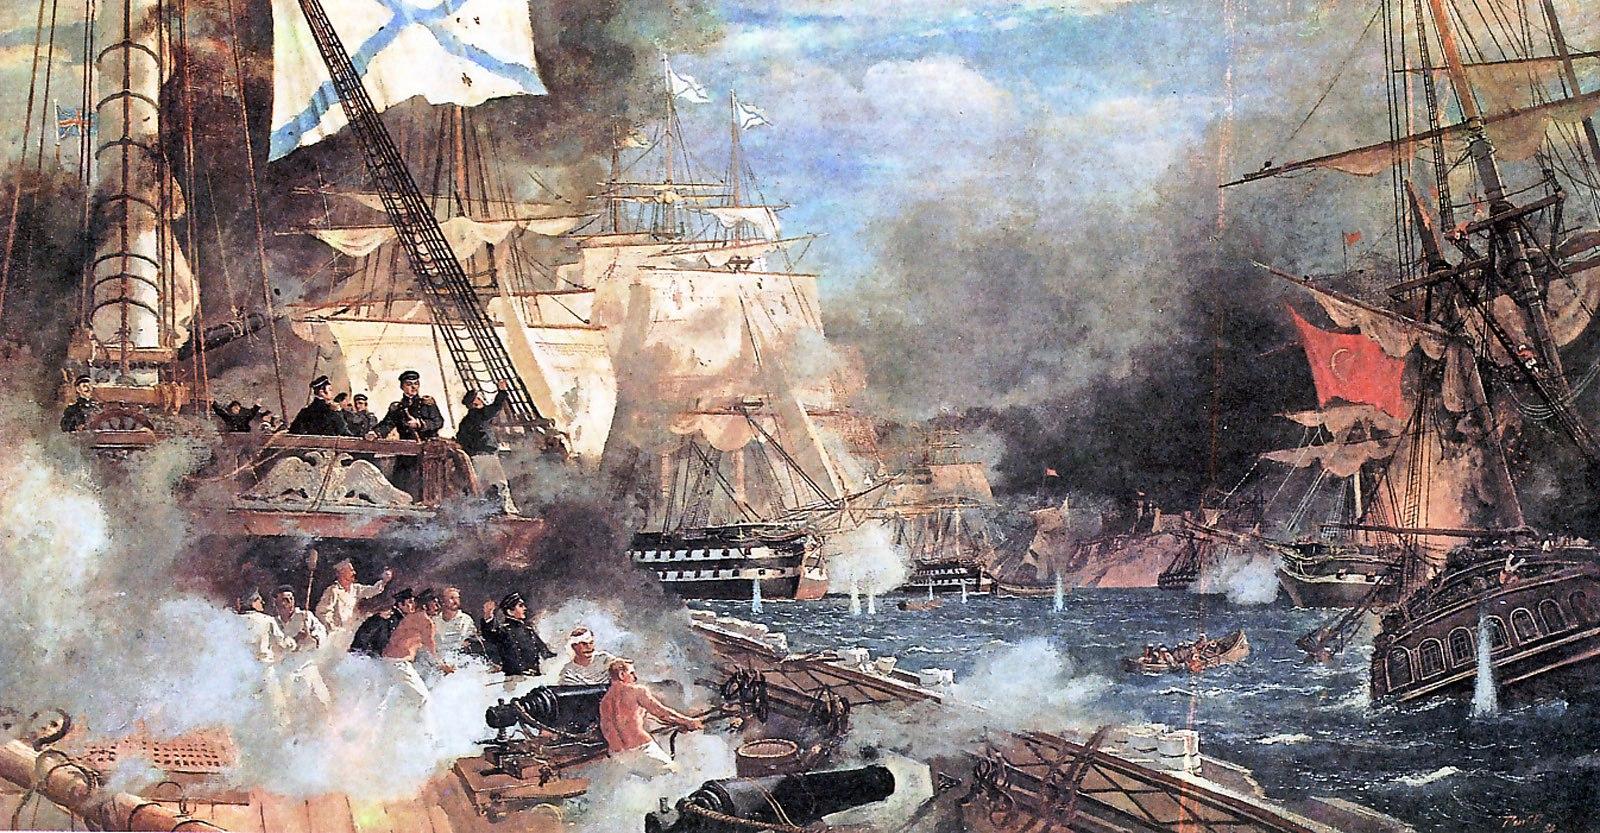 Наваринский бой 8 октября 1827 года. 1988 в собрании Государственного Владимиро-Суздальского музея-заповедника.jpg